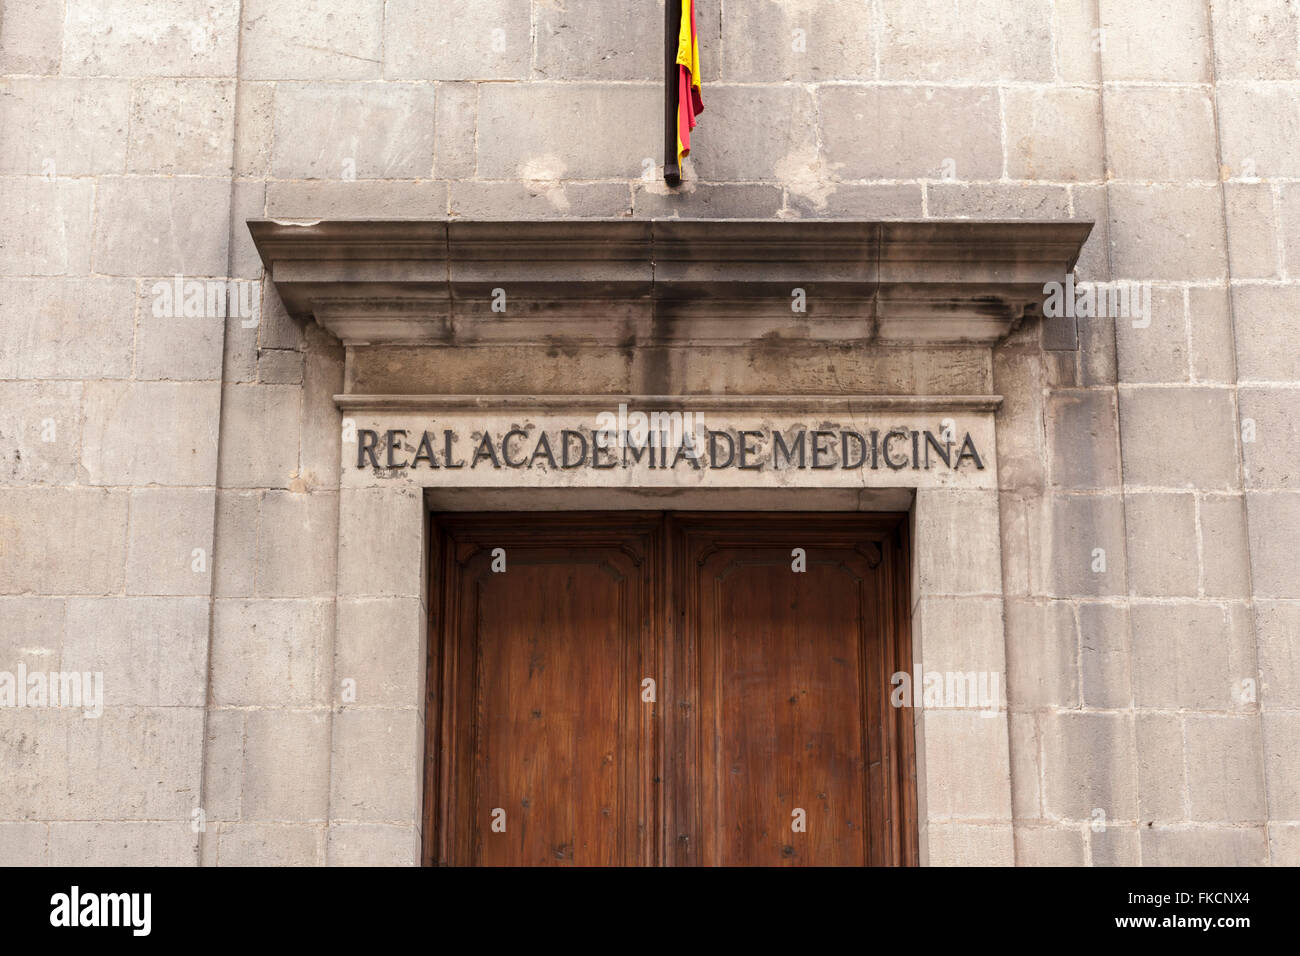 Ancient Hospital de la Santa Creu, door sign Real Academia de Medicina,El Raval, Barcelona. Stock Photo